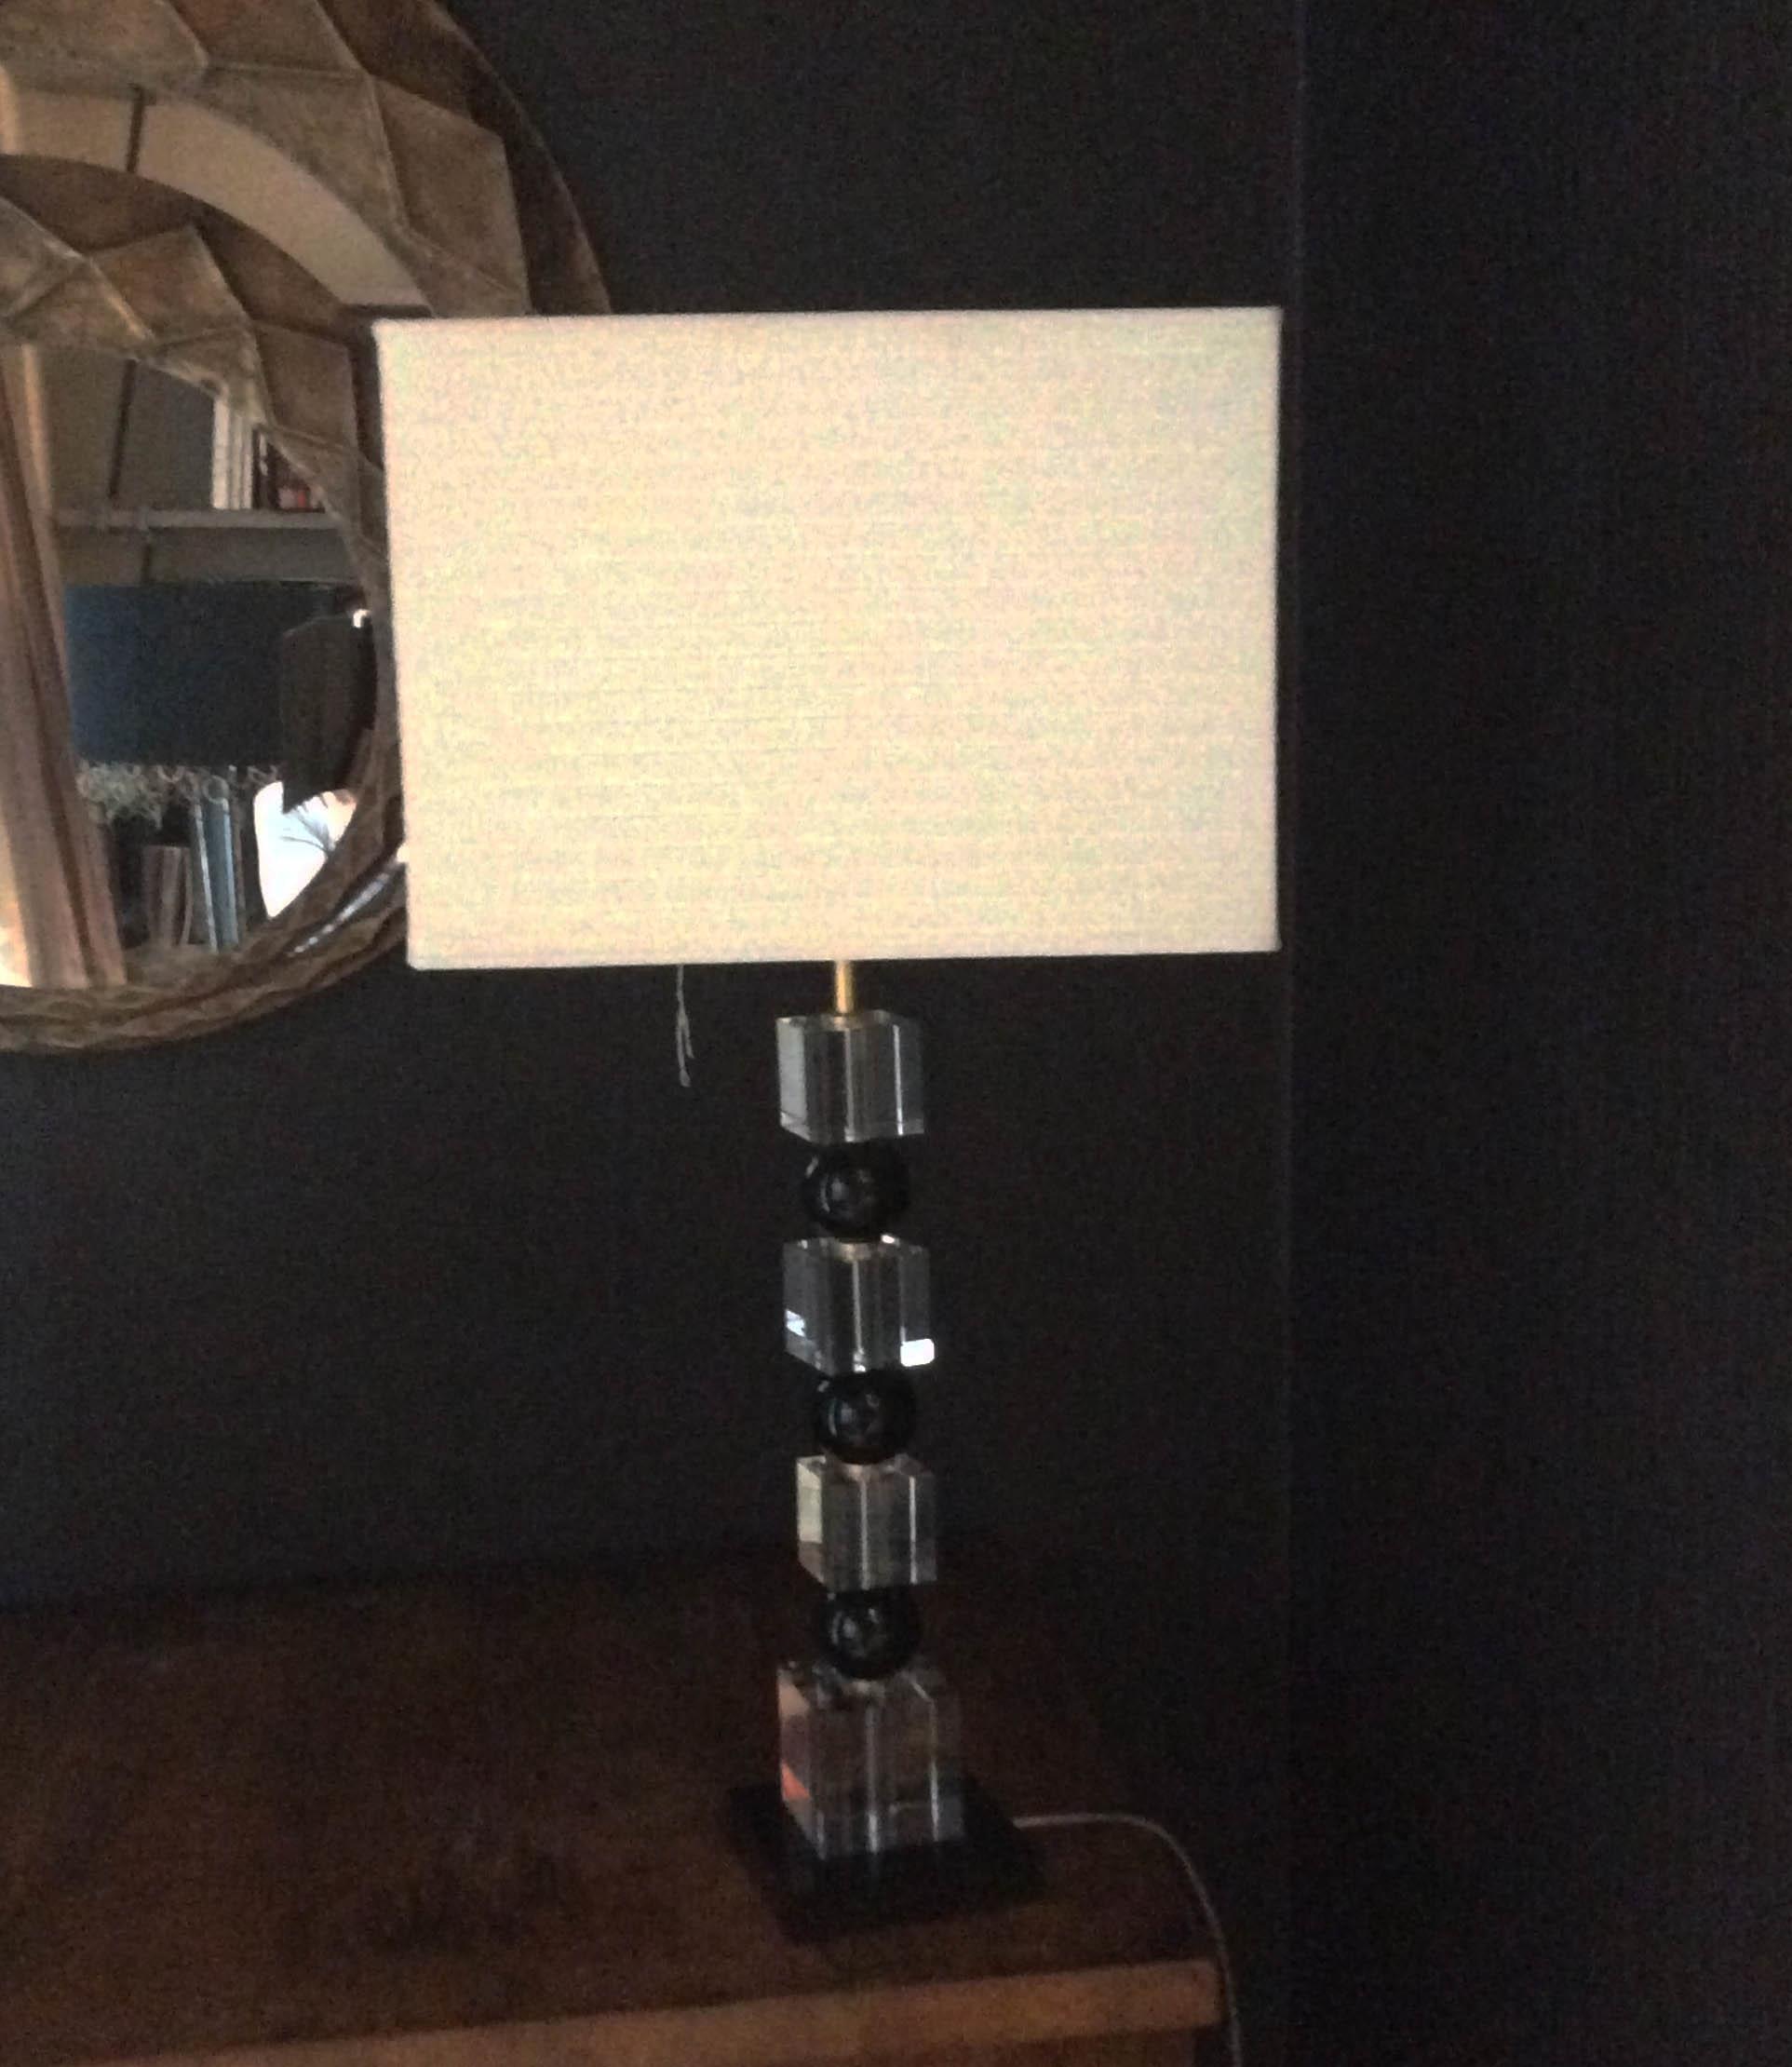 Illuminazione lampada con paralume lampade da tavolo illuminazione a prezzi scontati - Lampade da tavolo prezzi ...